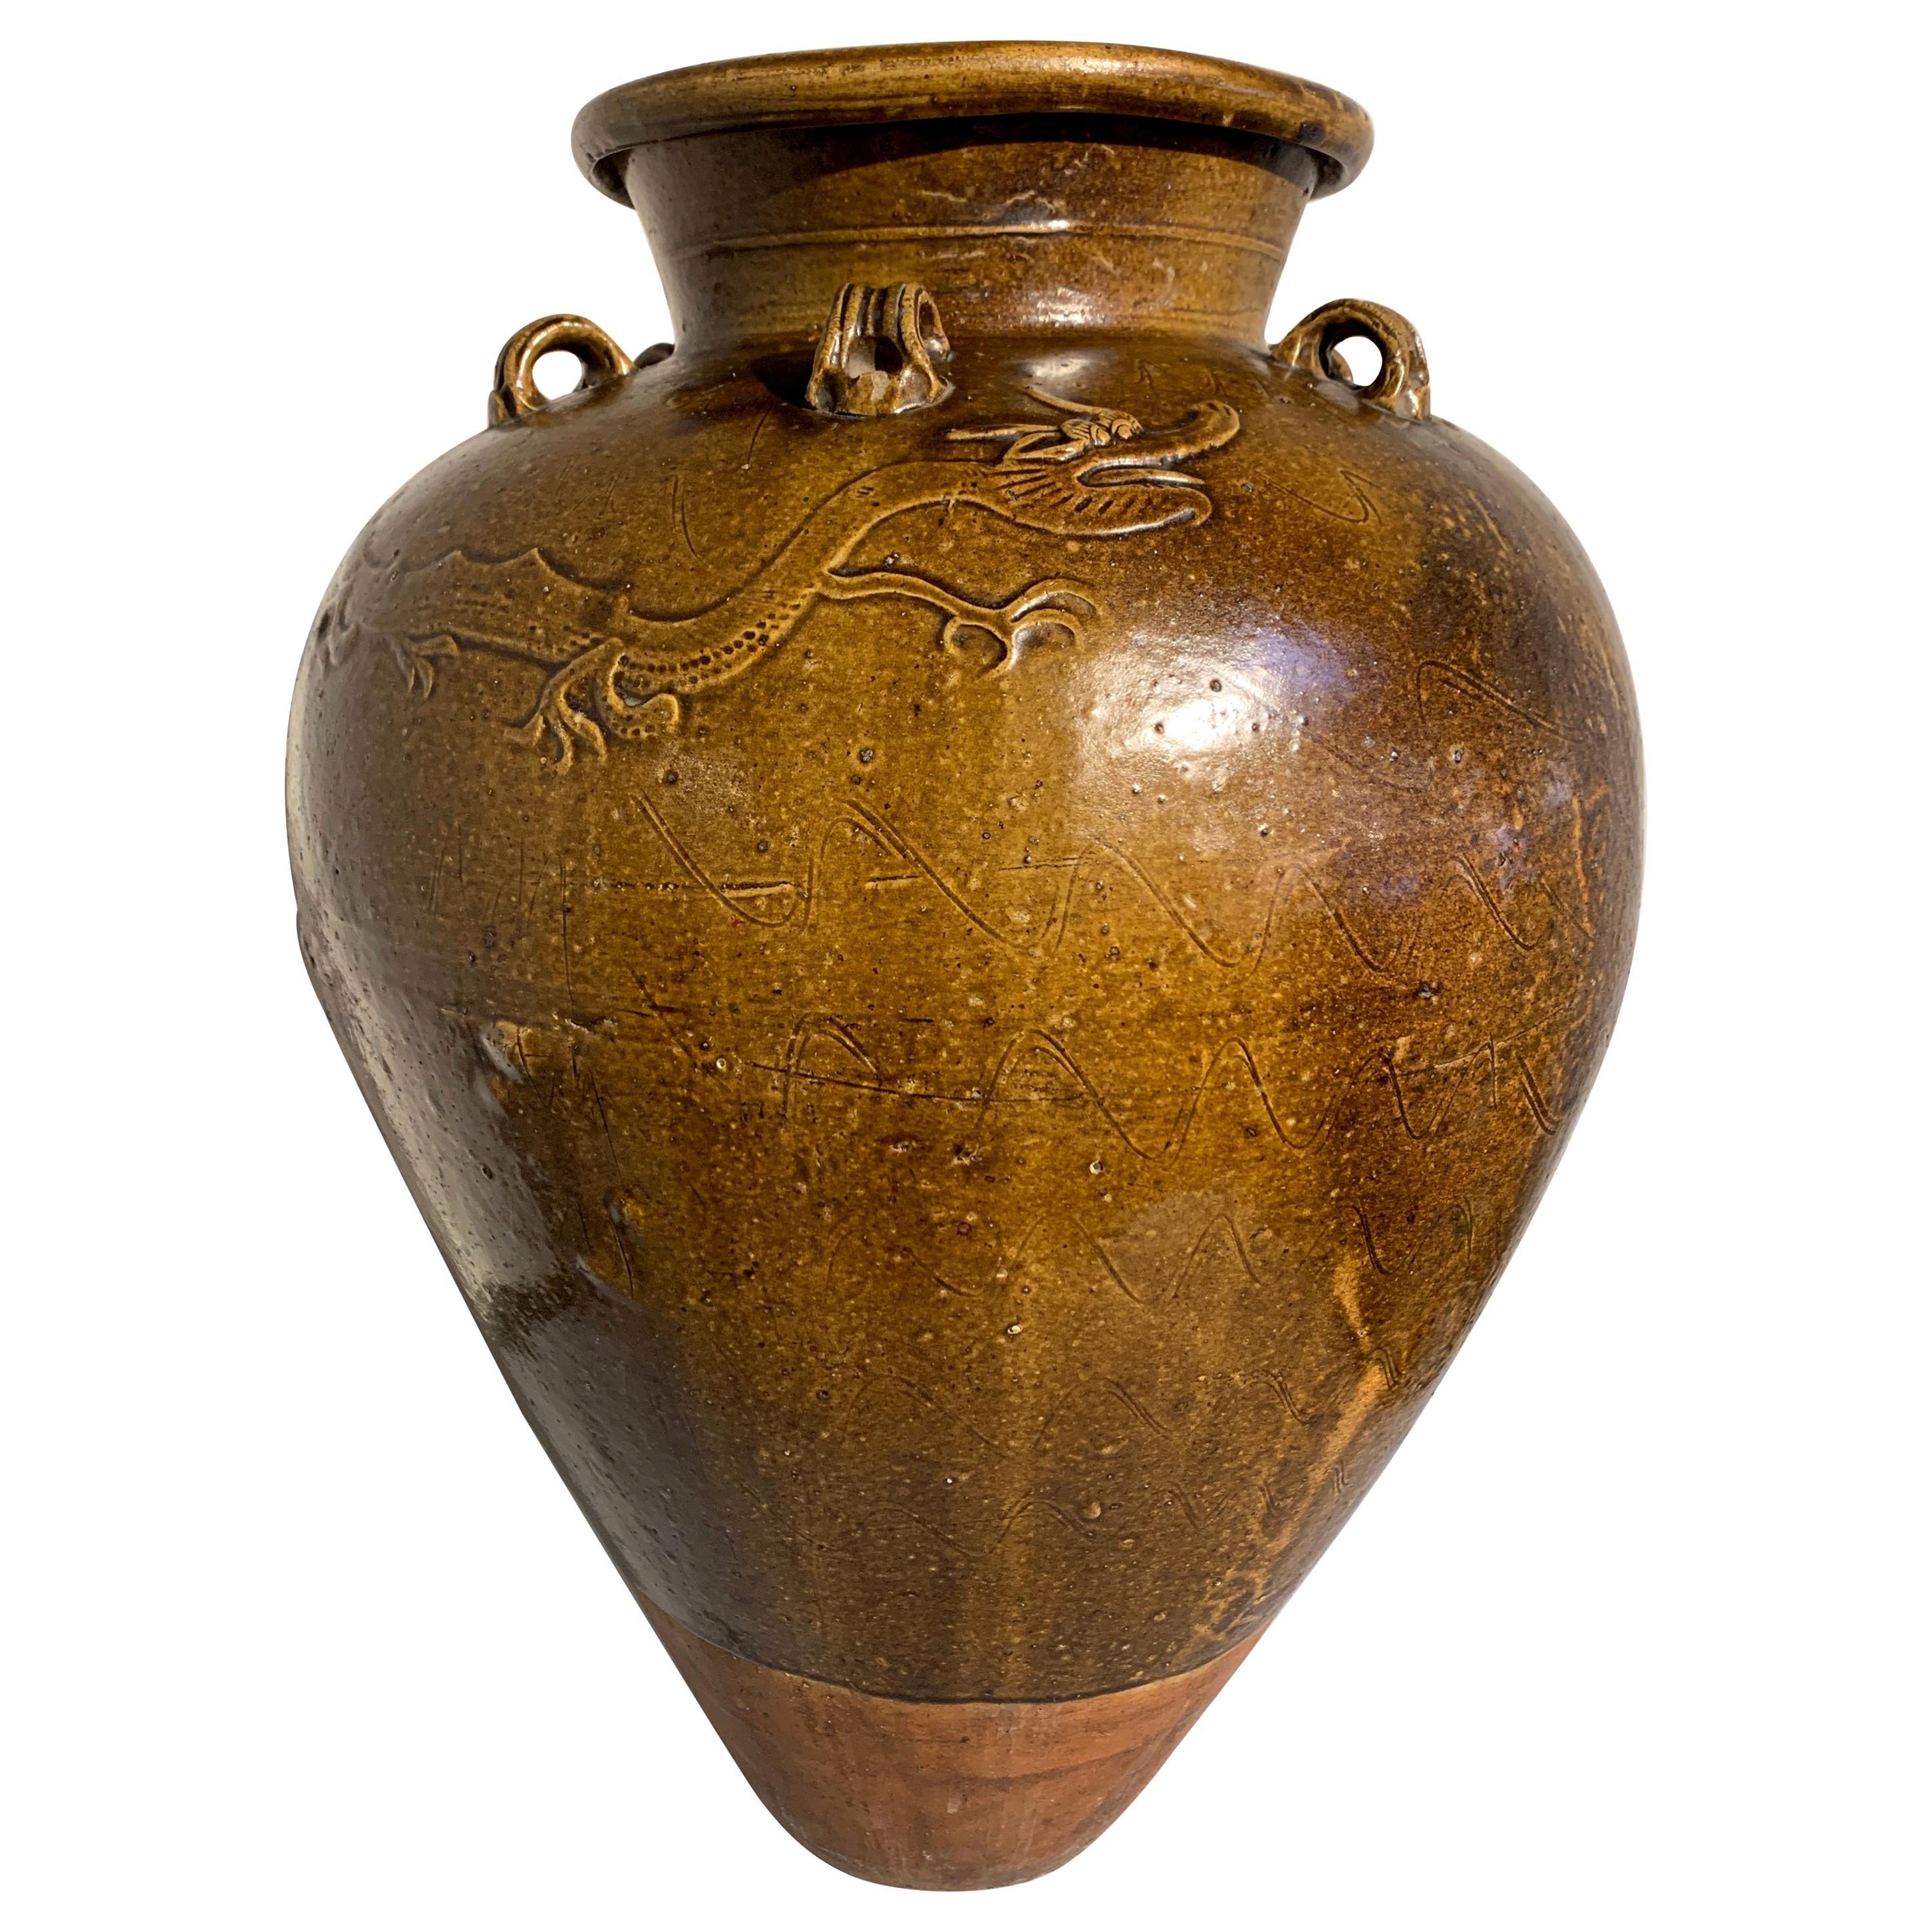 Chinese Ochre Brown Glazed Martaban Jar, Ming Dynasty, 15th-16th Century